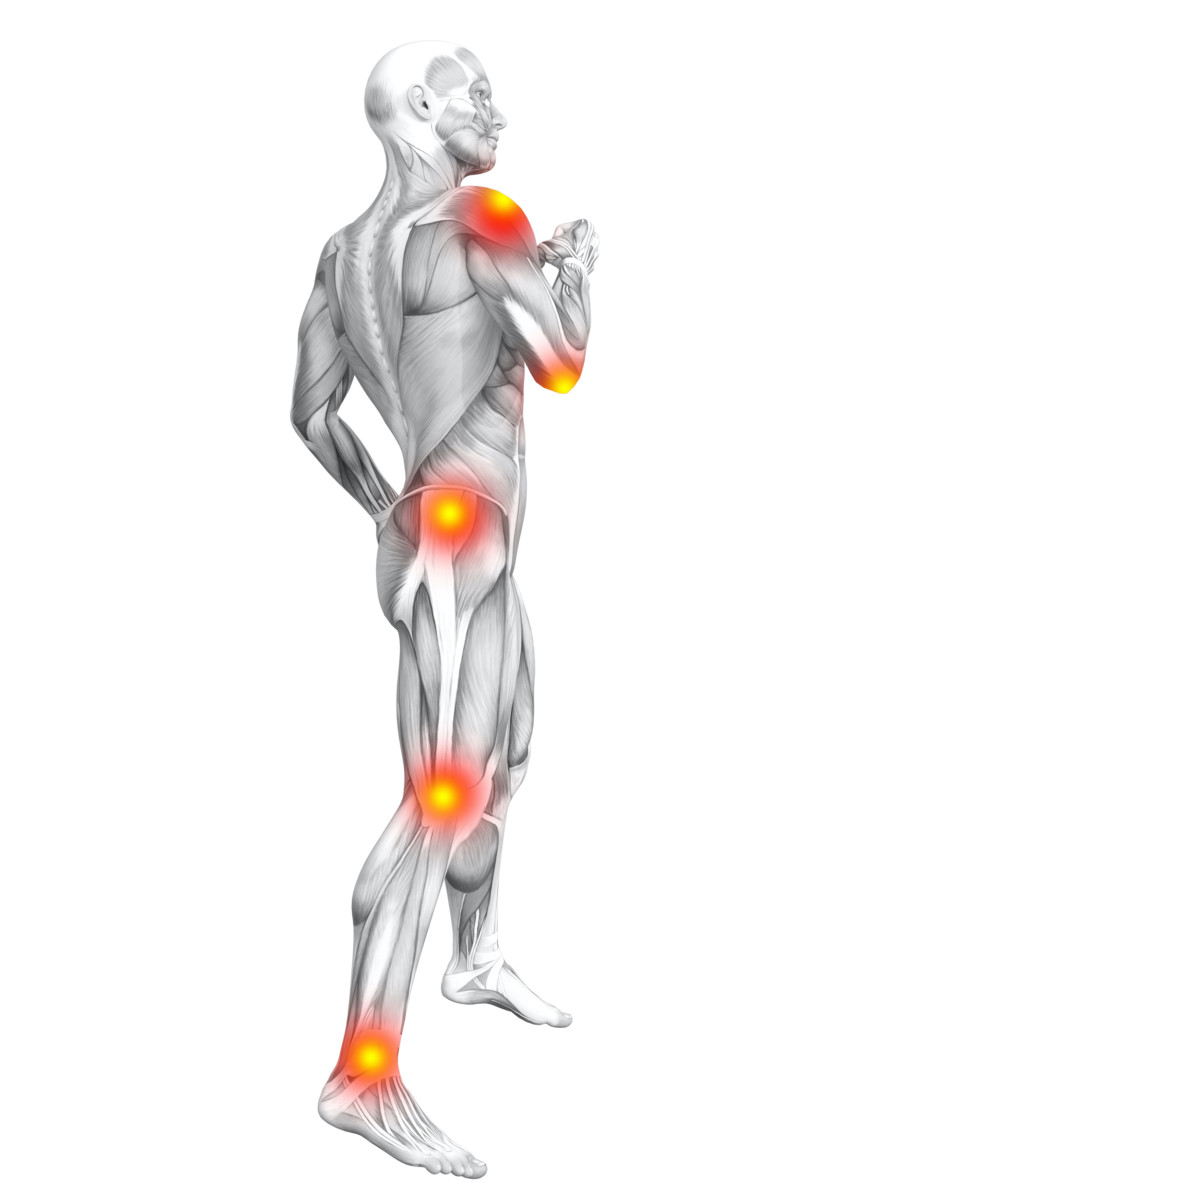 whole body treatment hdpt site image